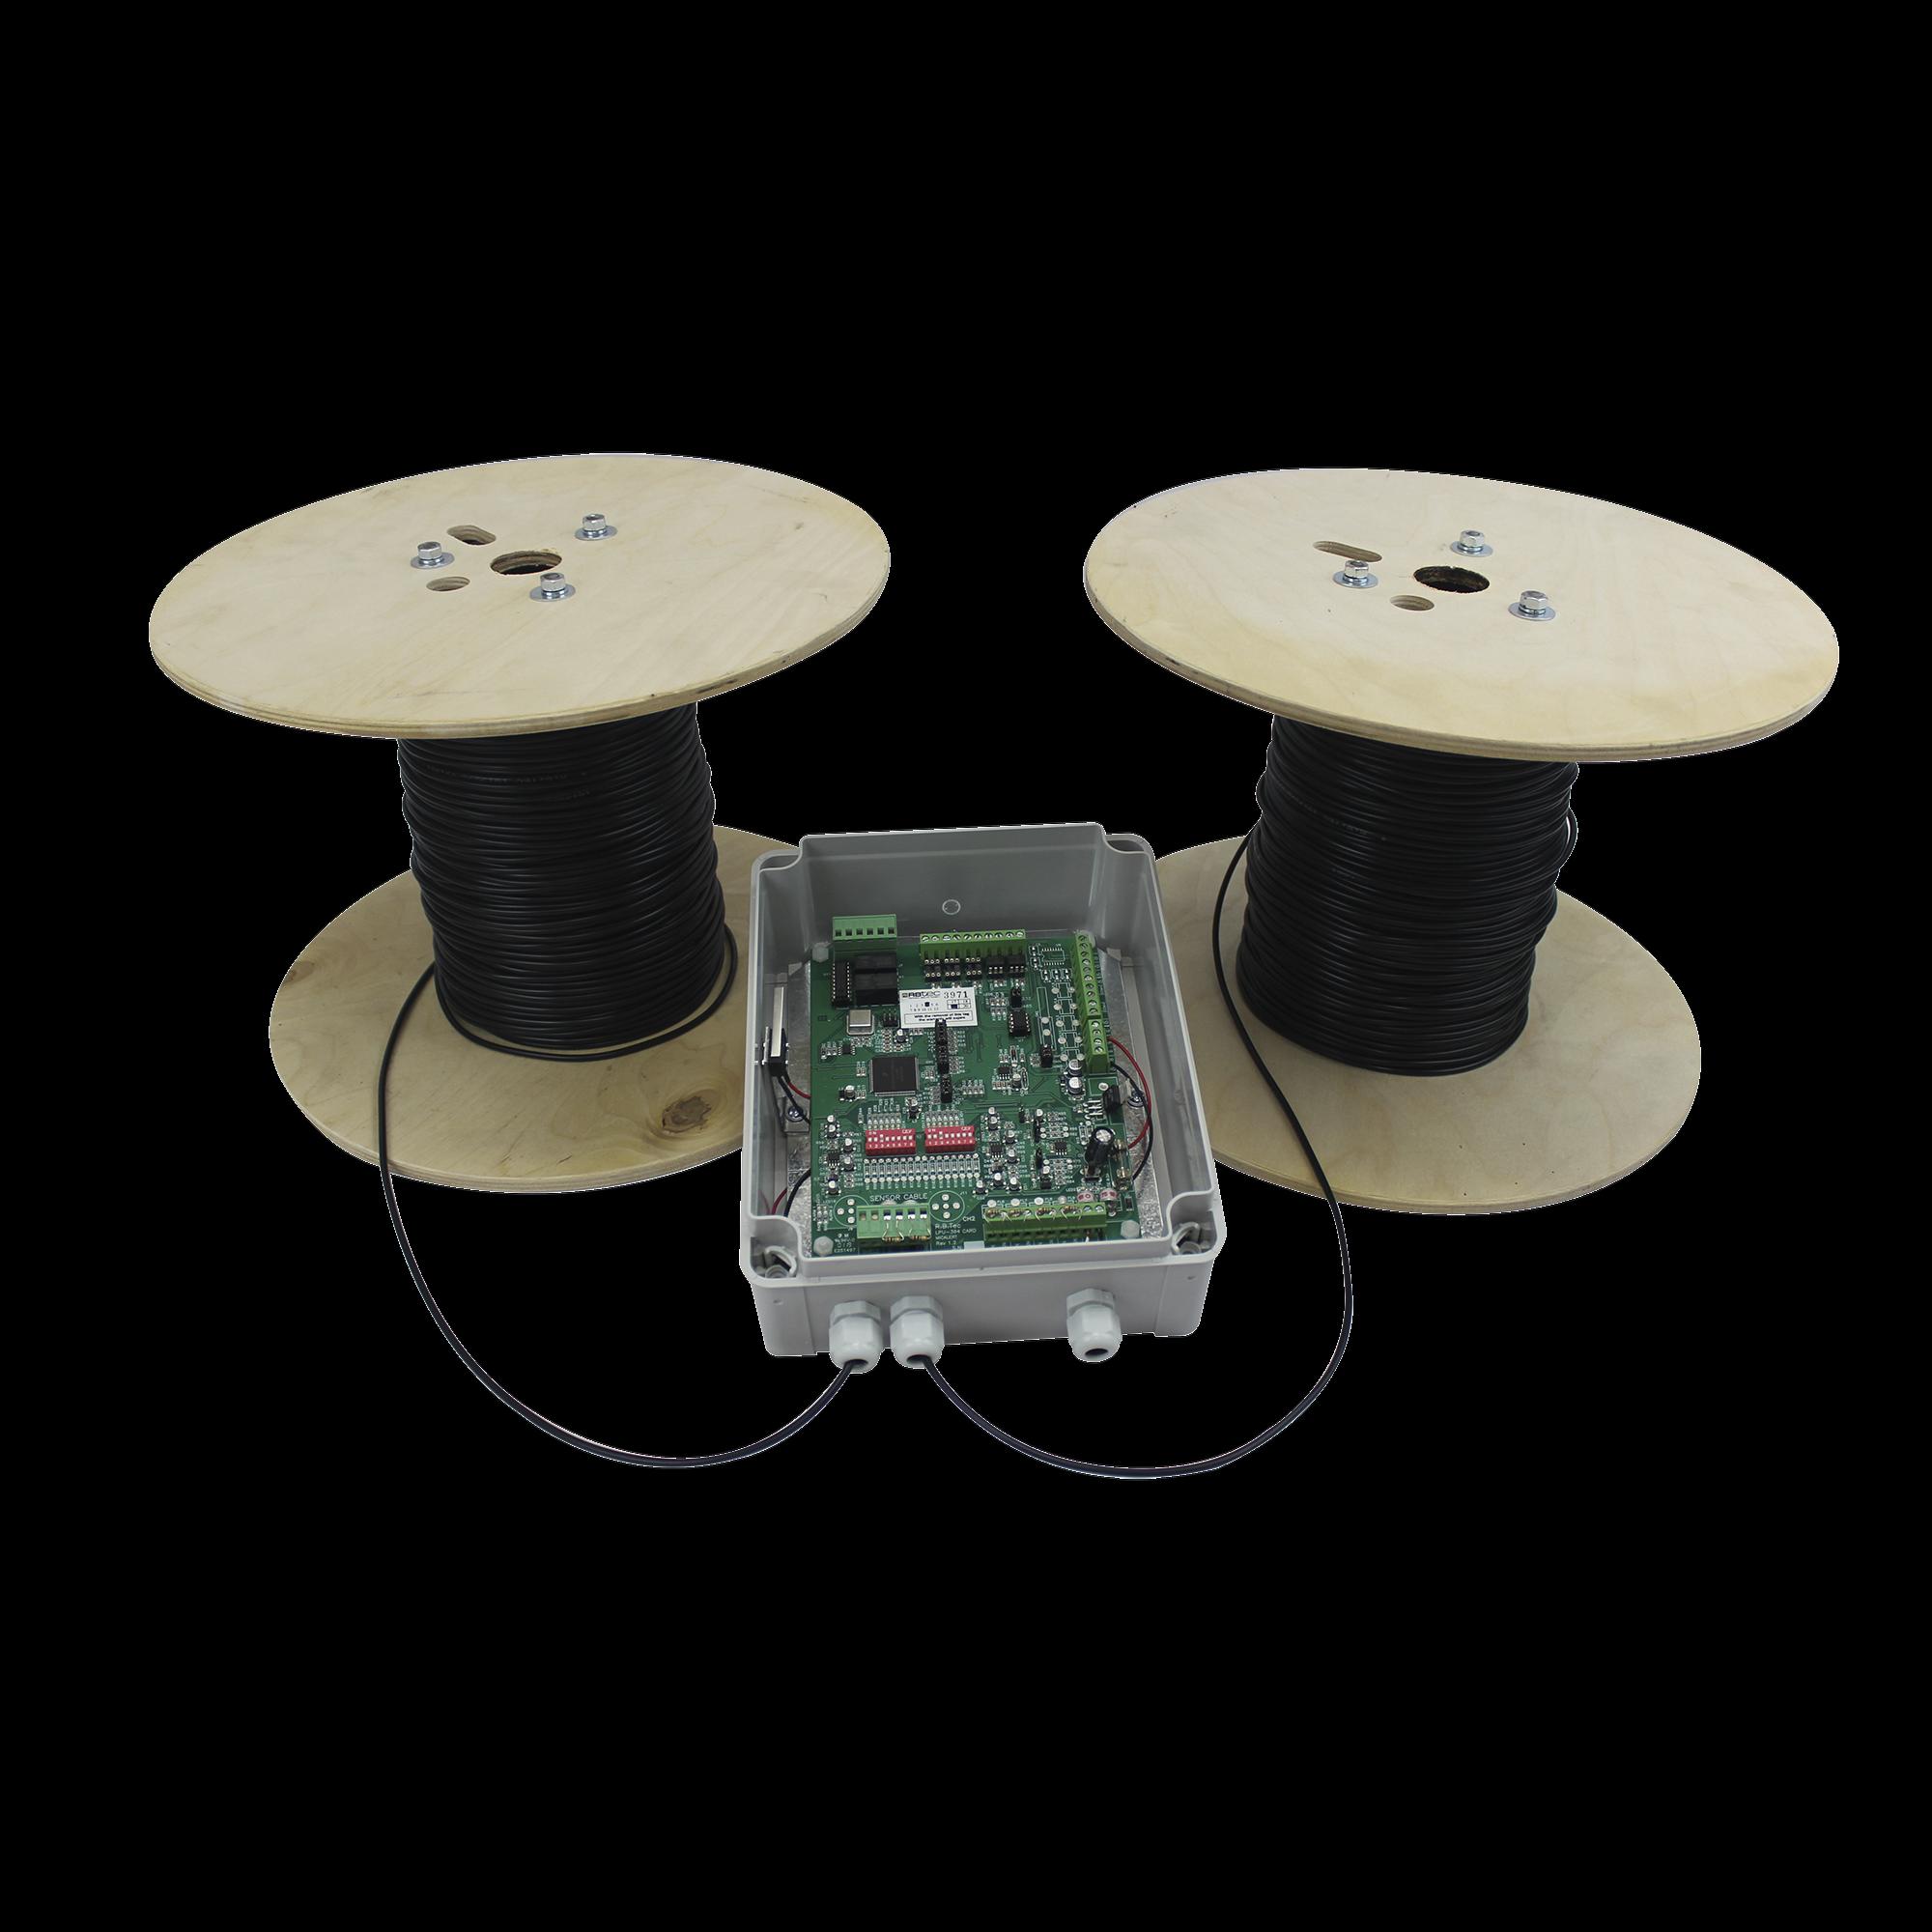 MICALERT Cable Sensor para Paredes, barandales, rejas rigidas / 2 zonas de 152 metros / 304 Metros de protección total